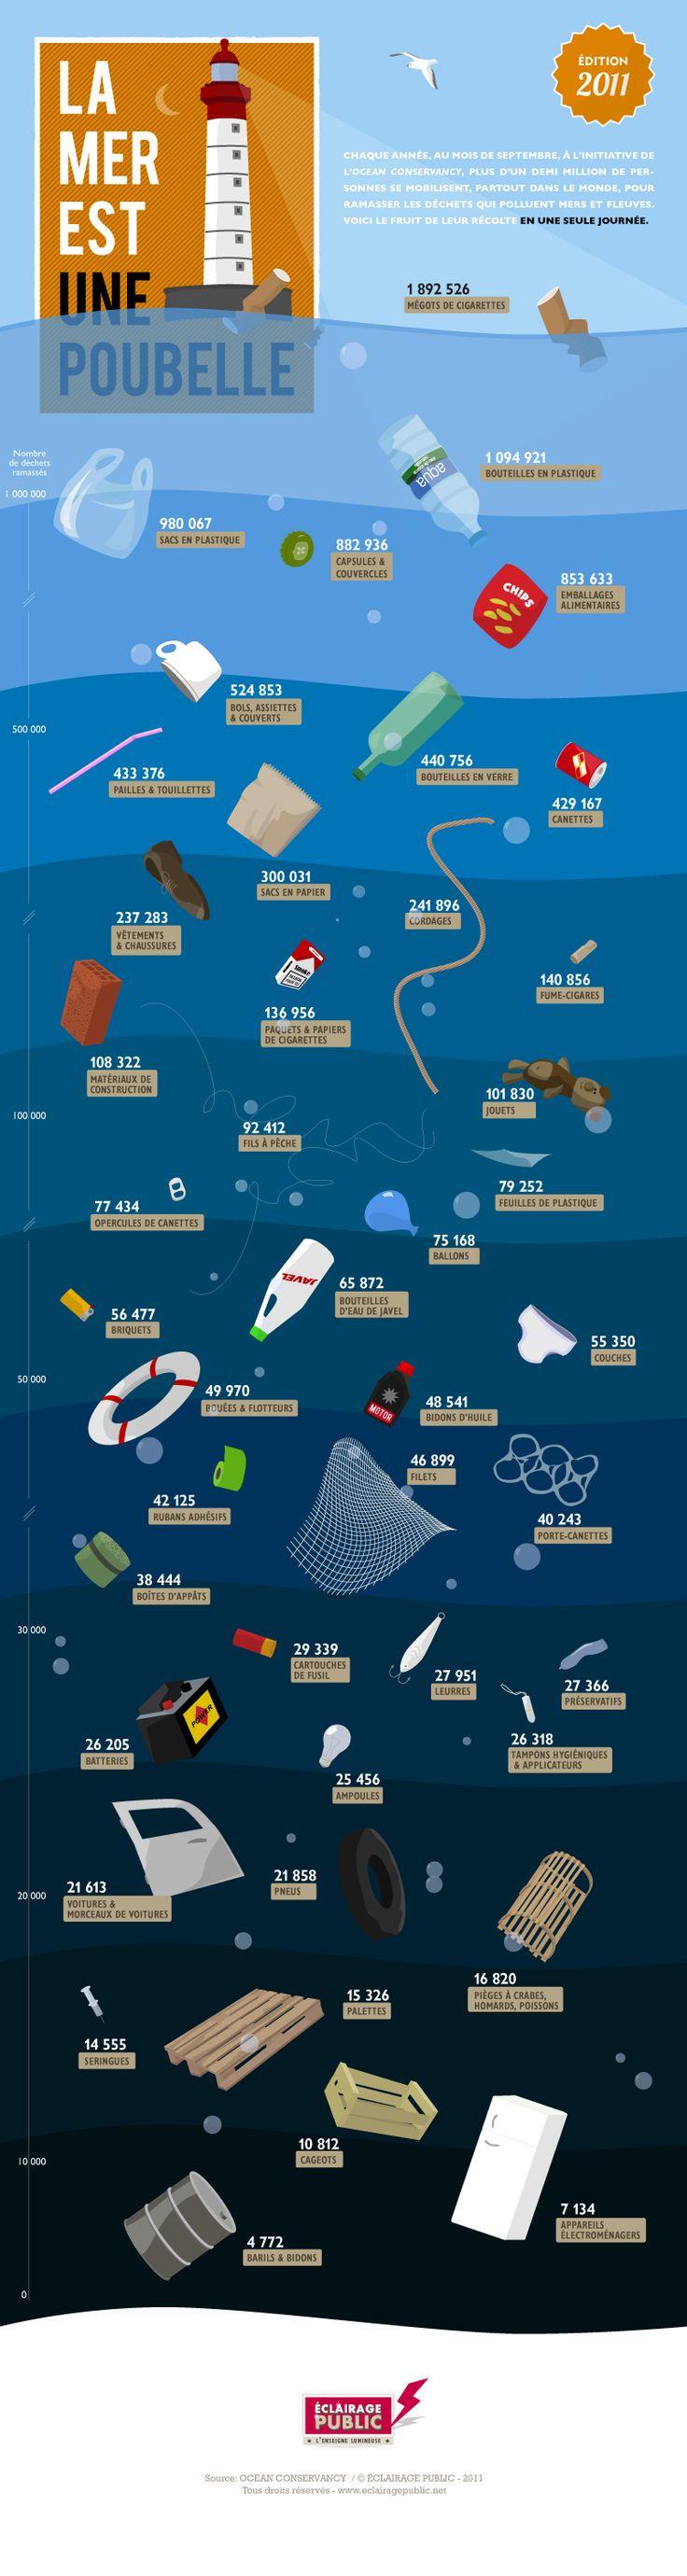 [Infographie] Les débris marins - OCEAN CONSERVANCY - © ÉCLAIRAGE PUBLIC #marinedebris #ocean #sea